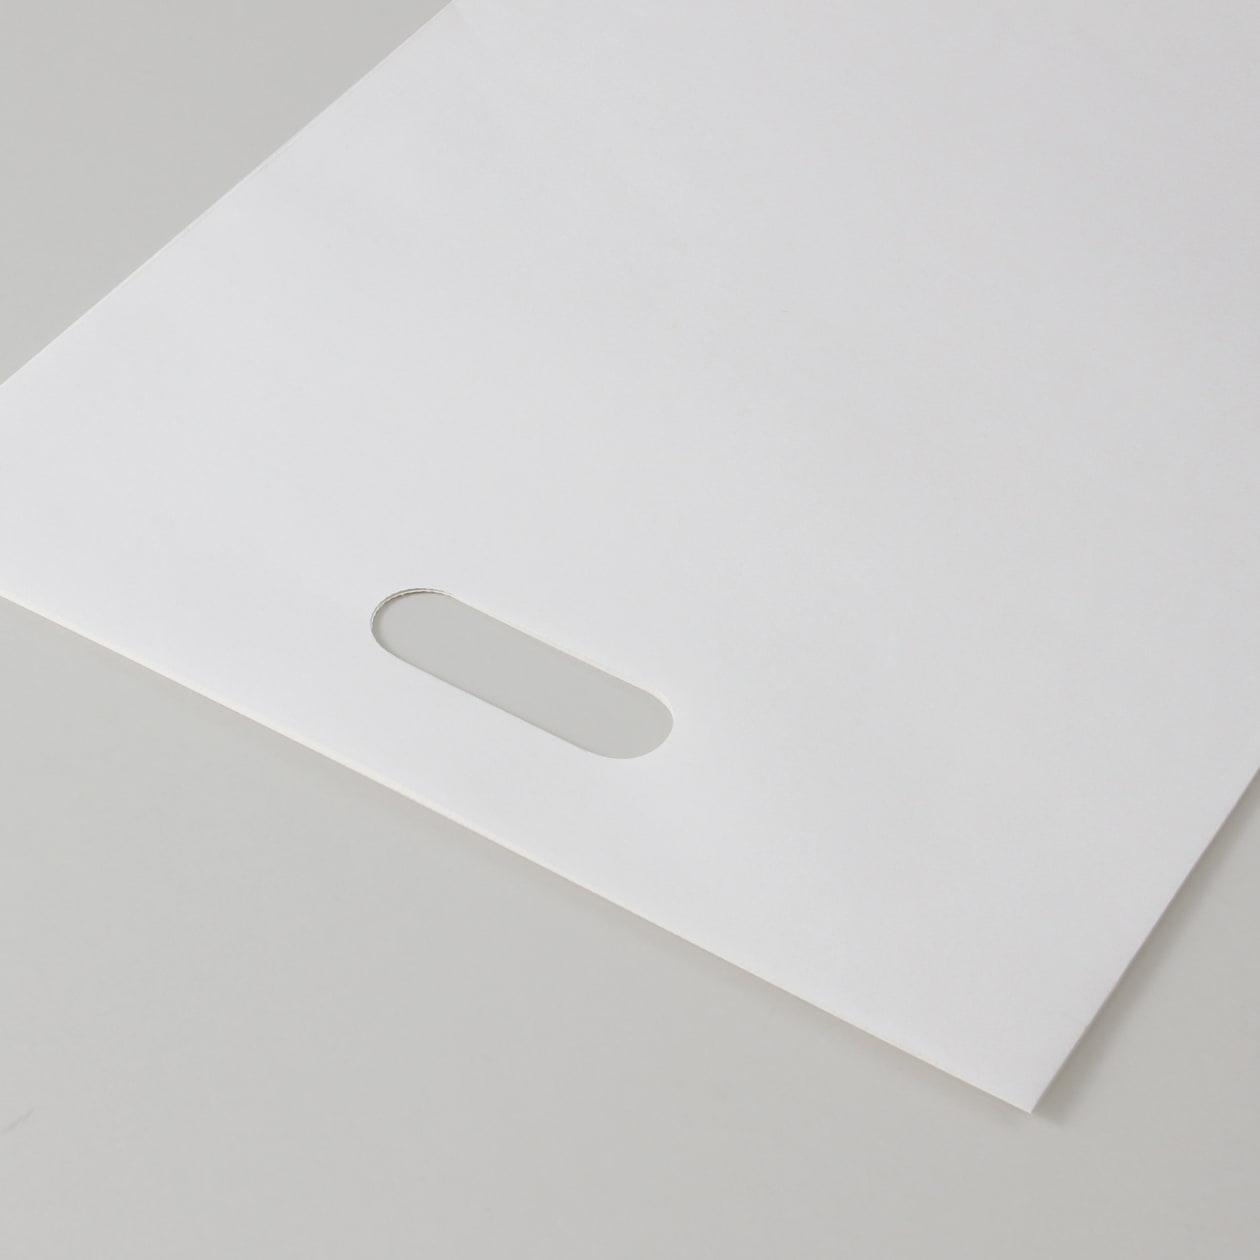 平袋B4用持ち手付 HAGURUMA Basic プレインホワイト 100g